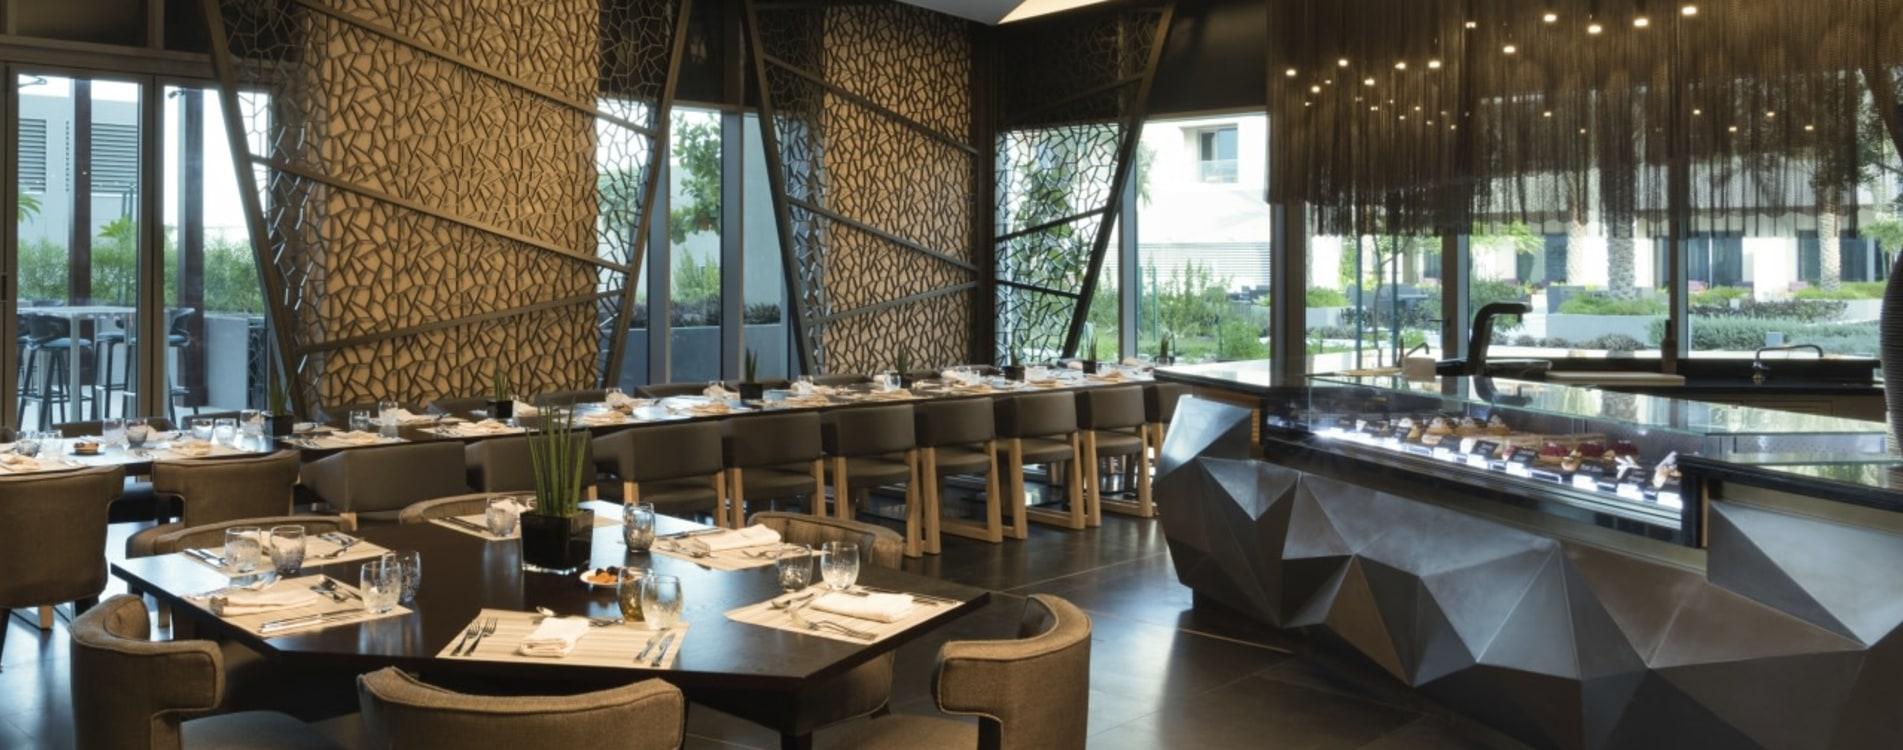 Kempinski-Hotel-Muscat-Cafe-One-Restaurant-Interior-Oman.jpg